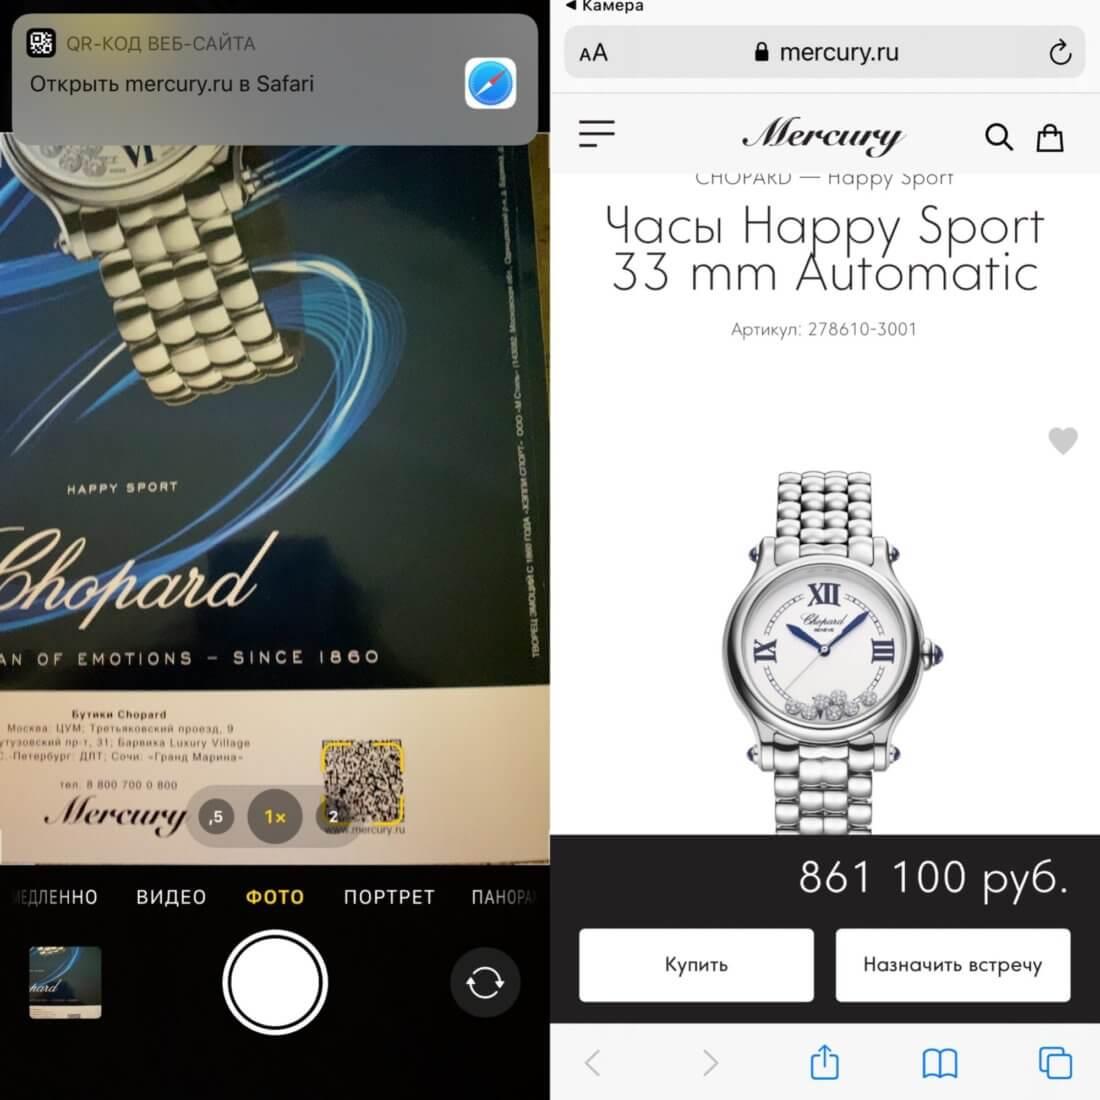 QR-код Mercury ведет на страницу для заказа часов